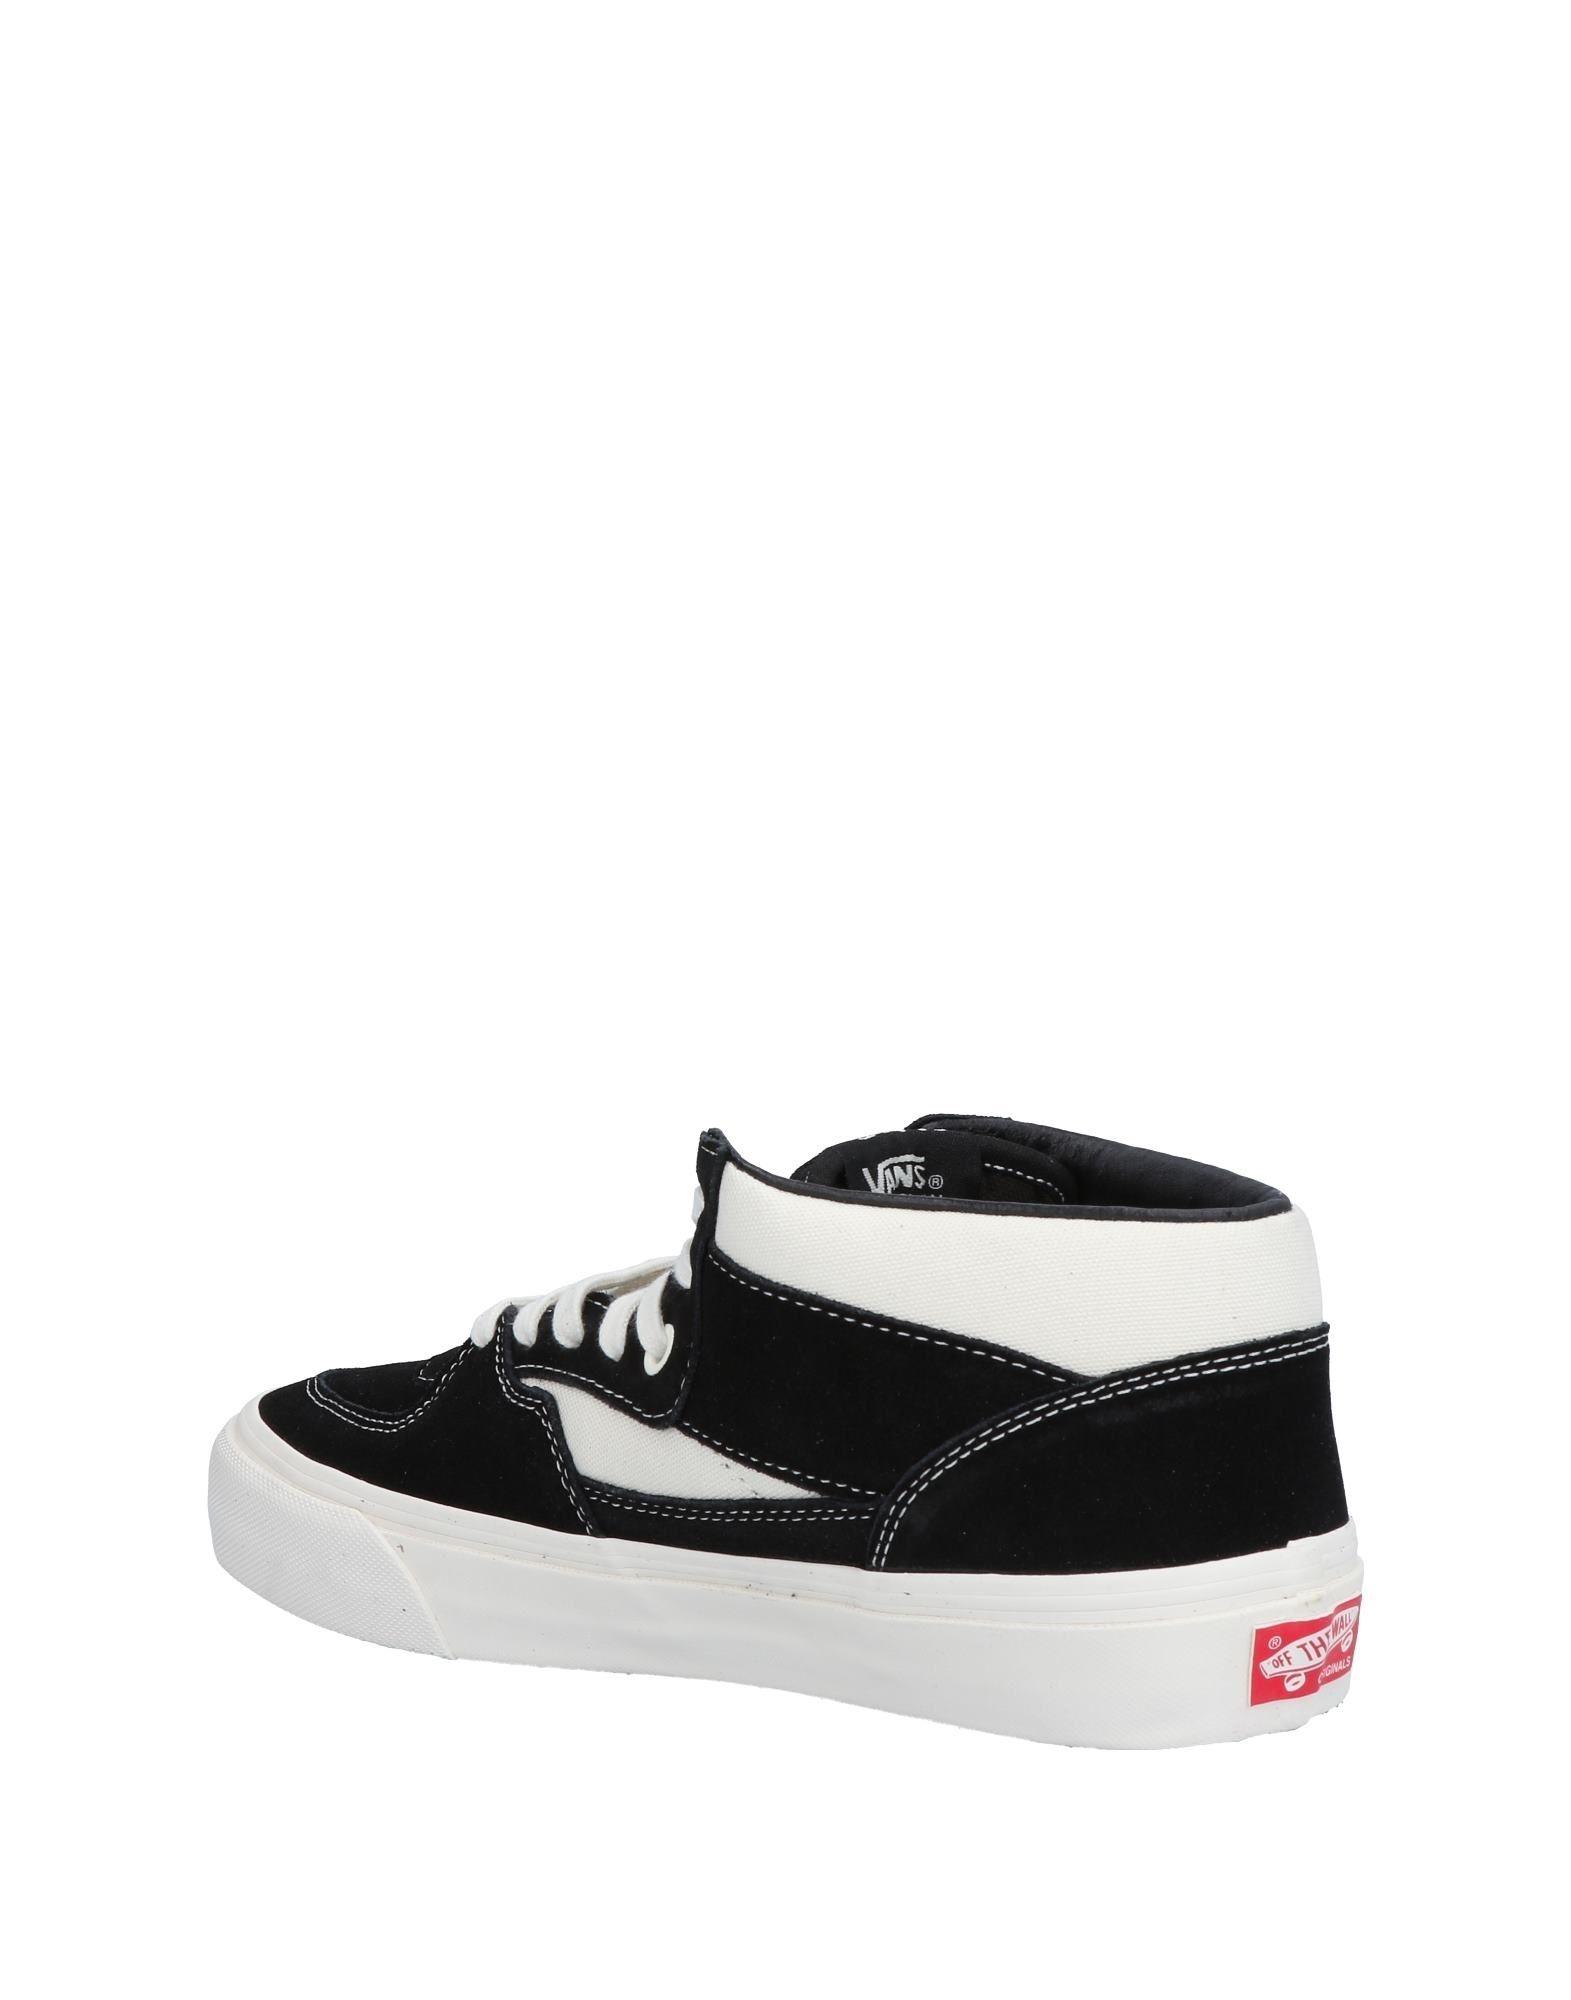 11494025UU Vans Sneakers Damen  11494025UU  2cc656